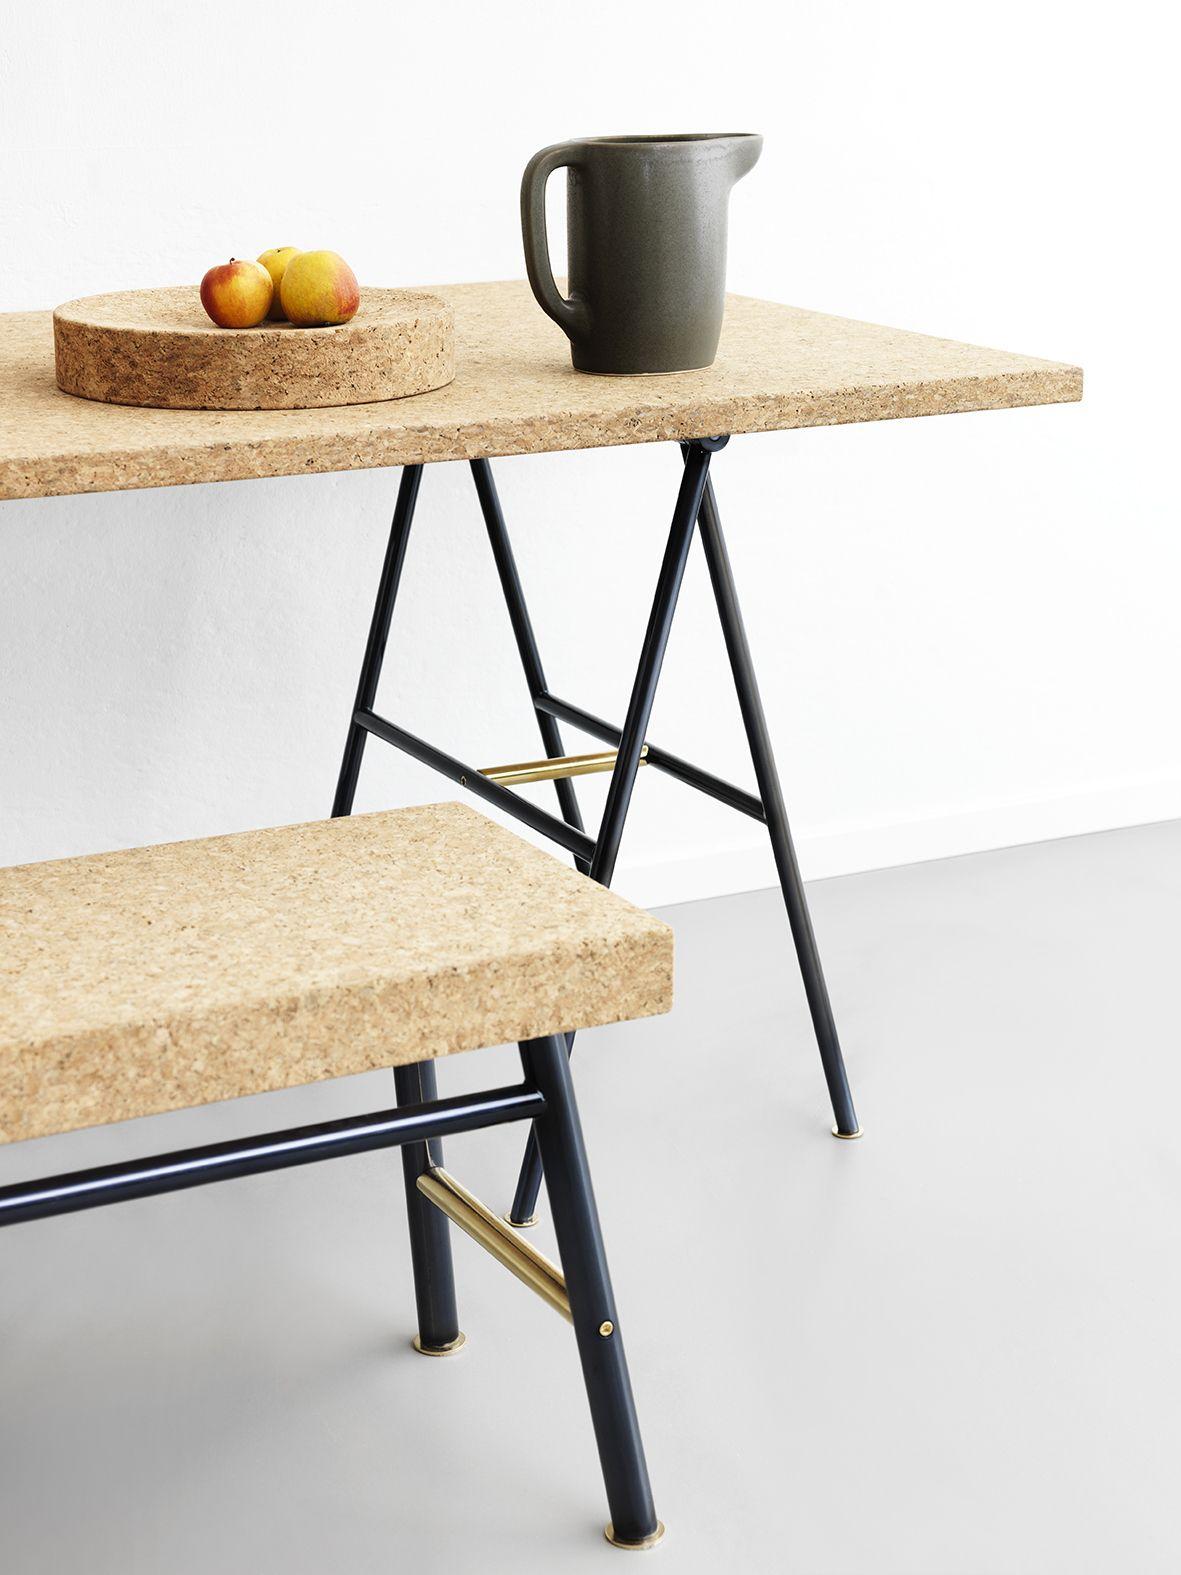 Sinnerlig ikea 2016 | Furniture | Pinterest | Ikea ikea, Studio ...